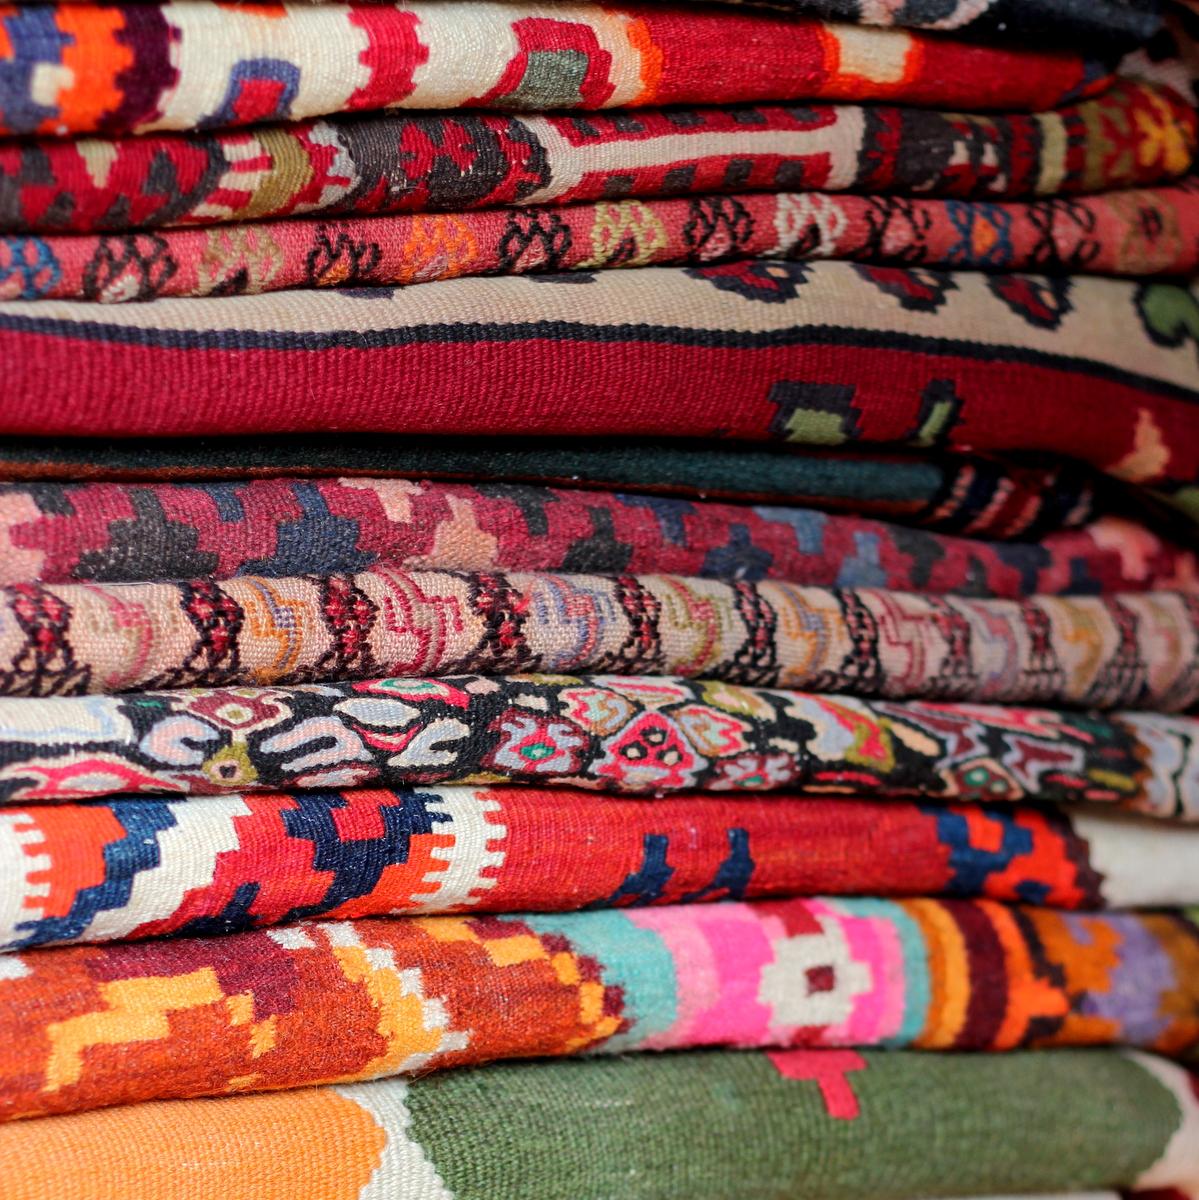 שטיח קילים! להכניס לחלל צבע וחמימות באופן טרנדי ביותר